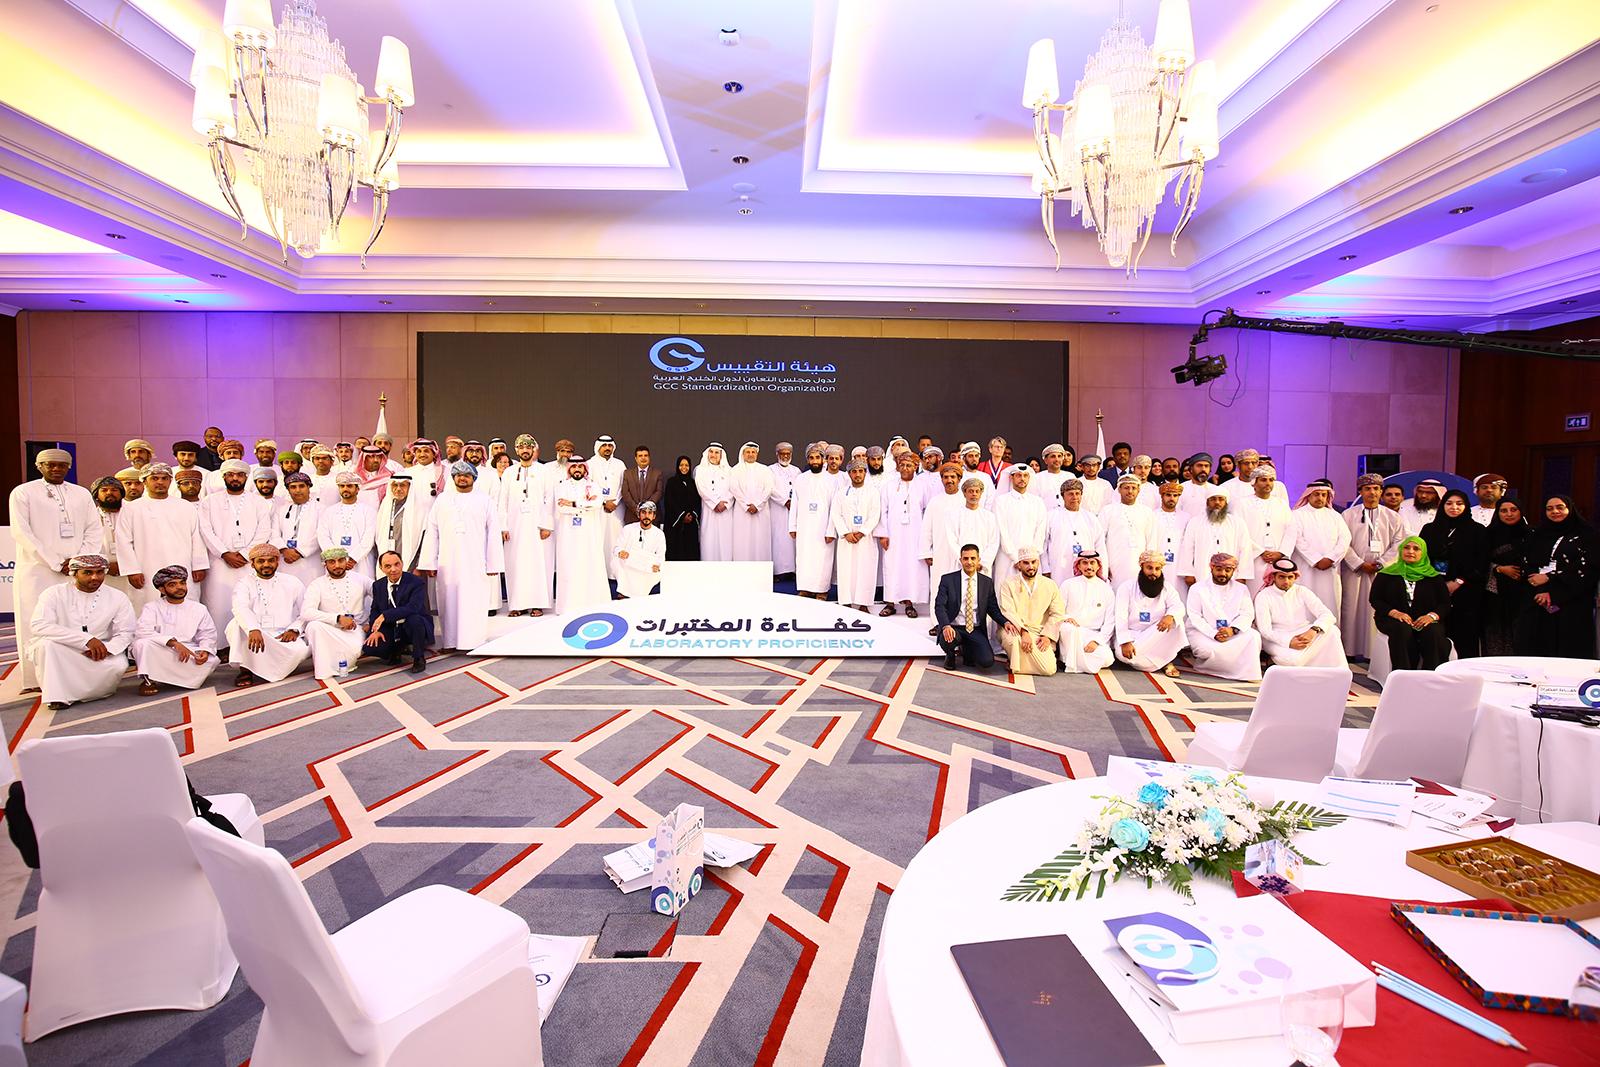 اختتام فعاليات المؤتمر الخليجي الخامس لكفاءة المختبرات في مسقط